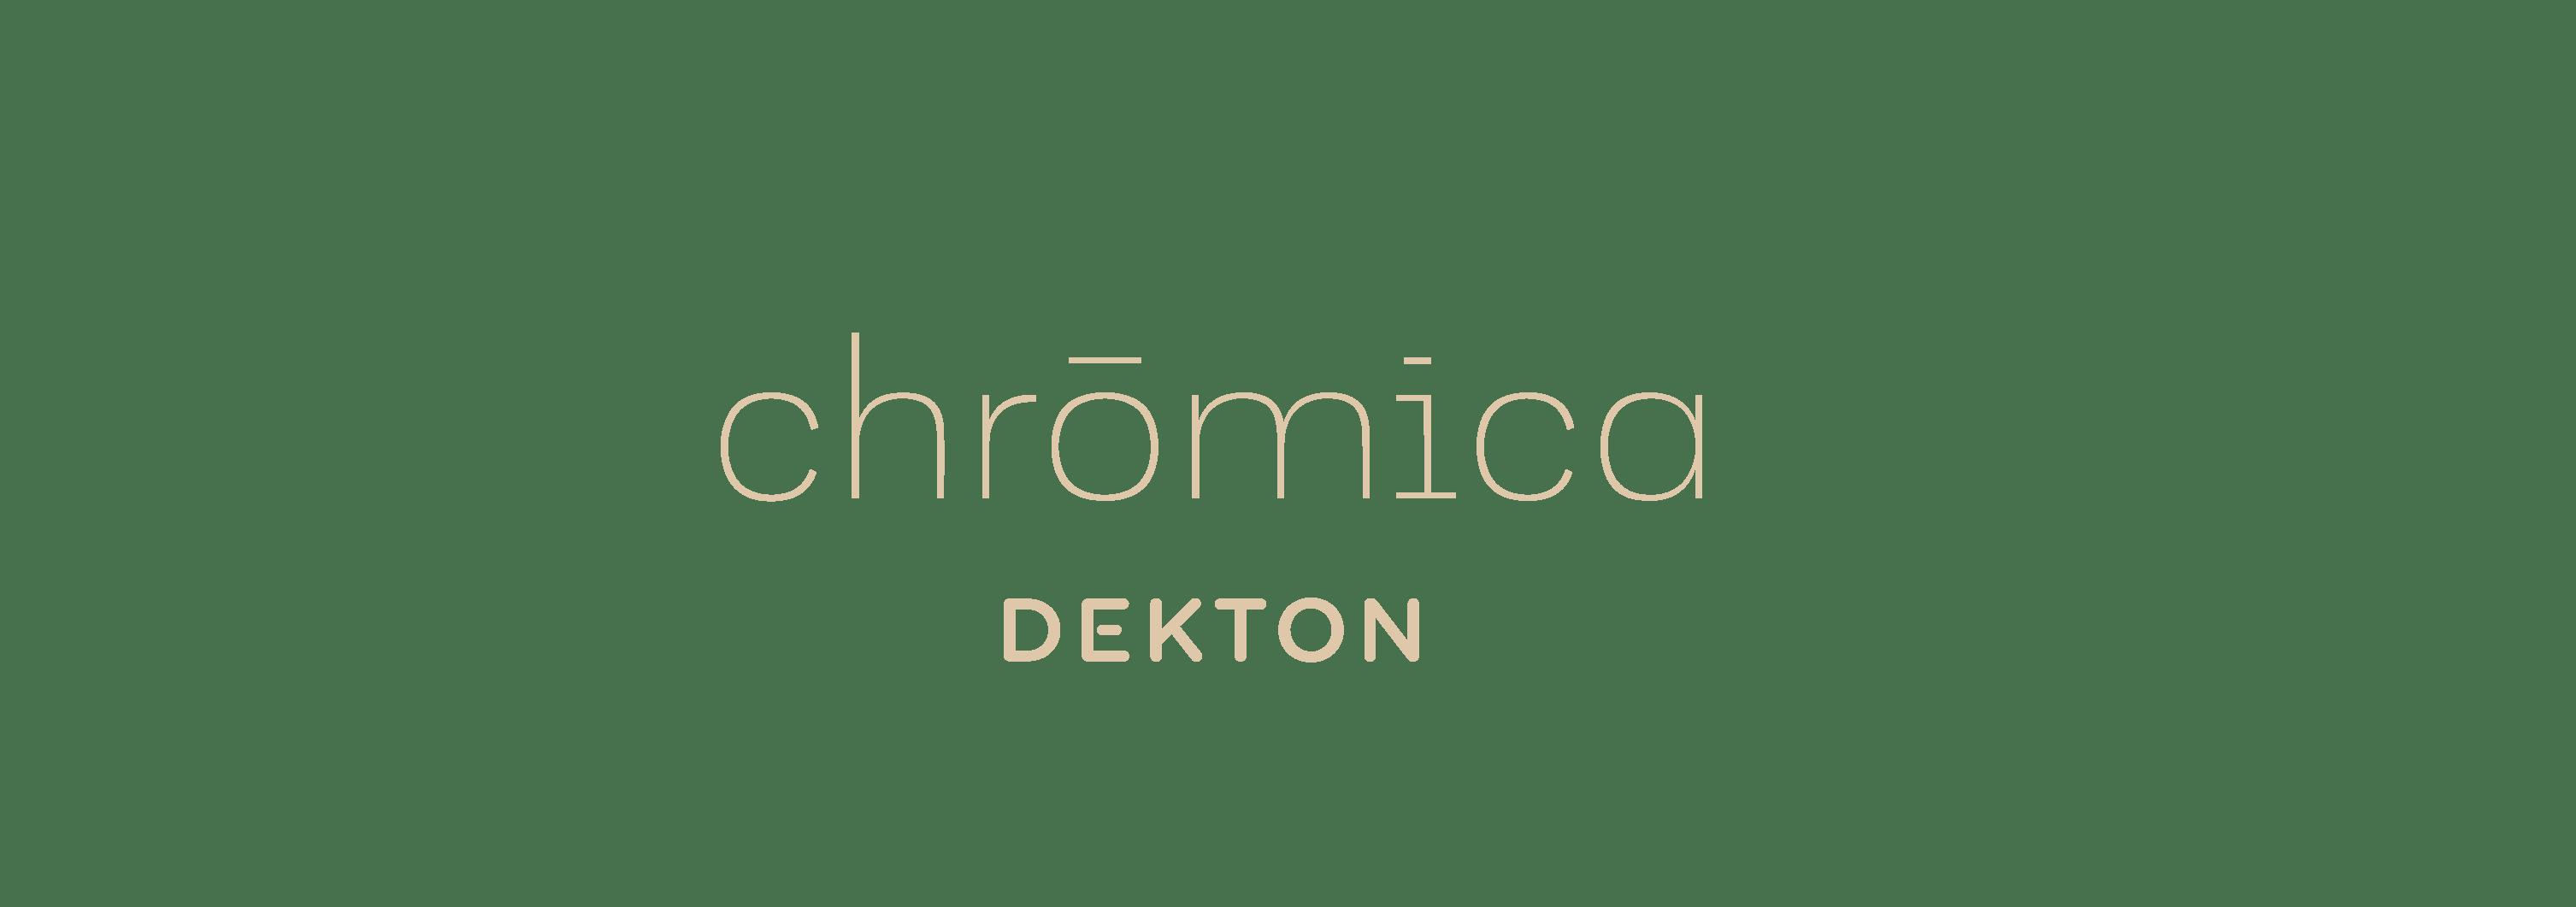 Image of Mesa de trabajo 4@4x 1 in Dekton® Chromica by Daniel Germani - Cosentino